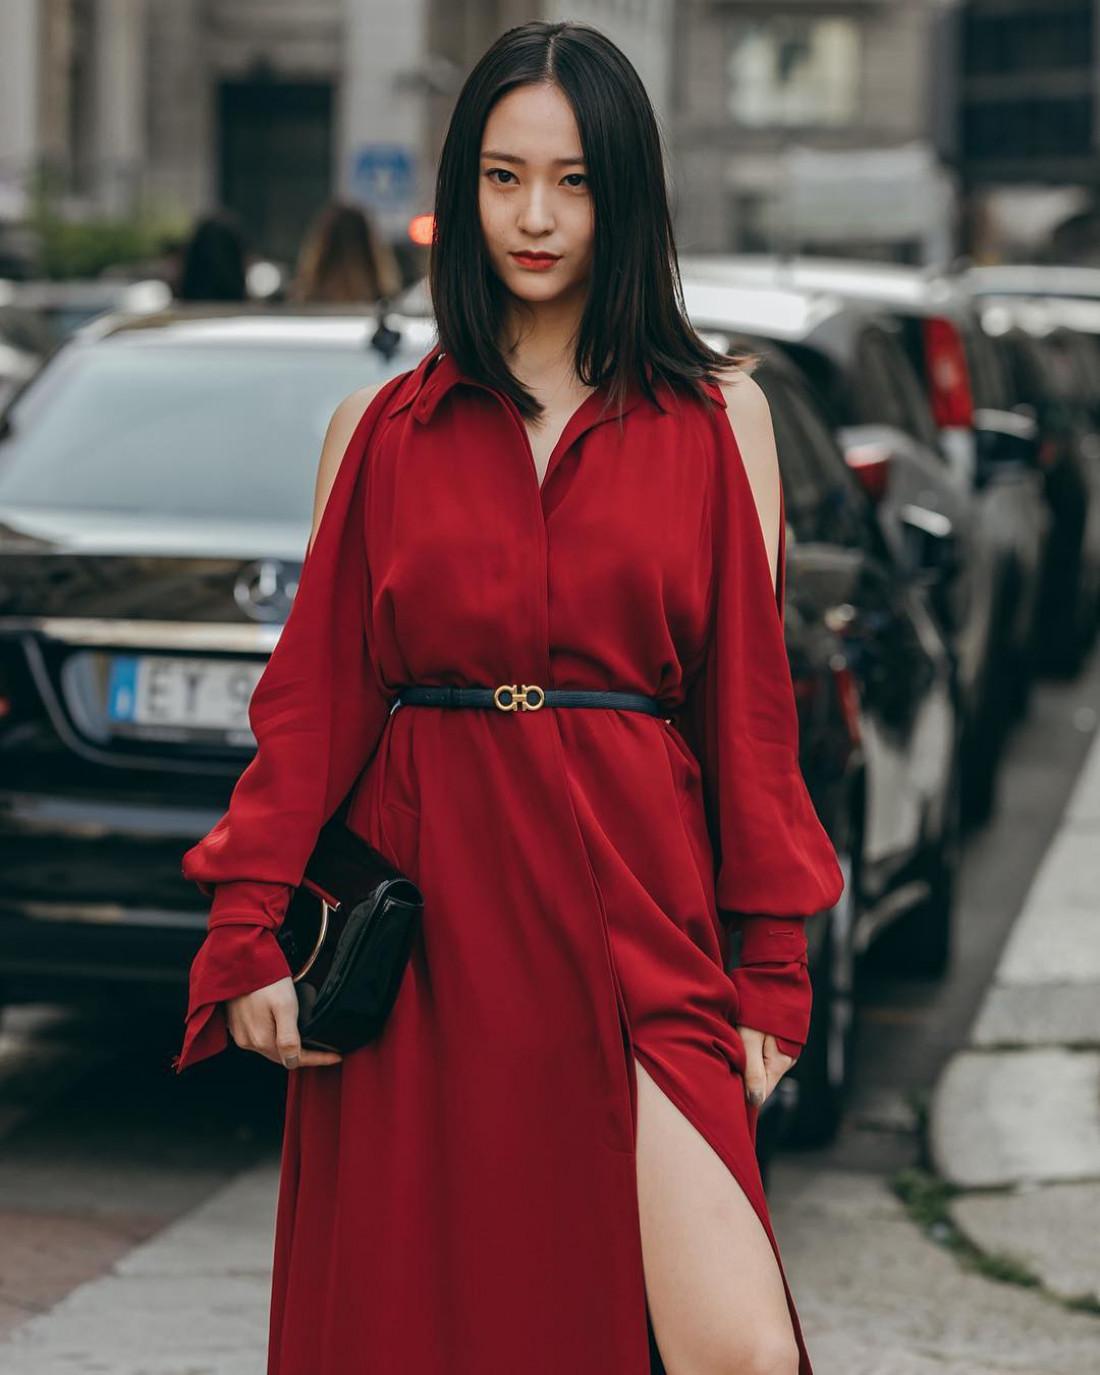 sao Kpop tham dự Tuần lễ Thời trang quốc tế 10